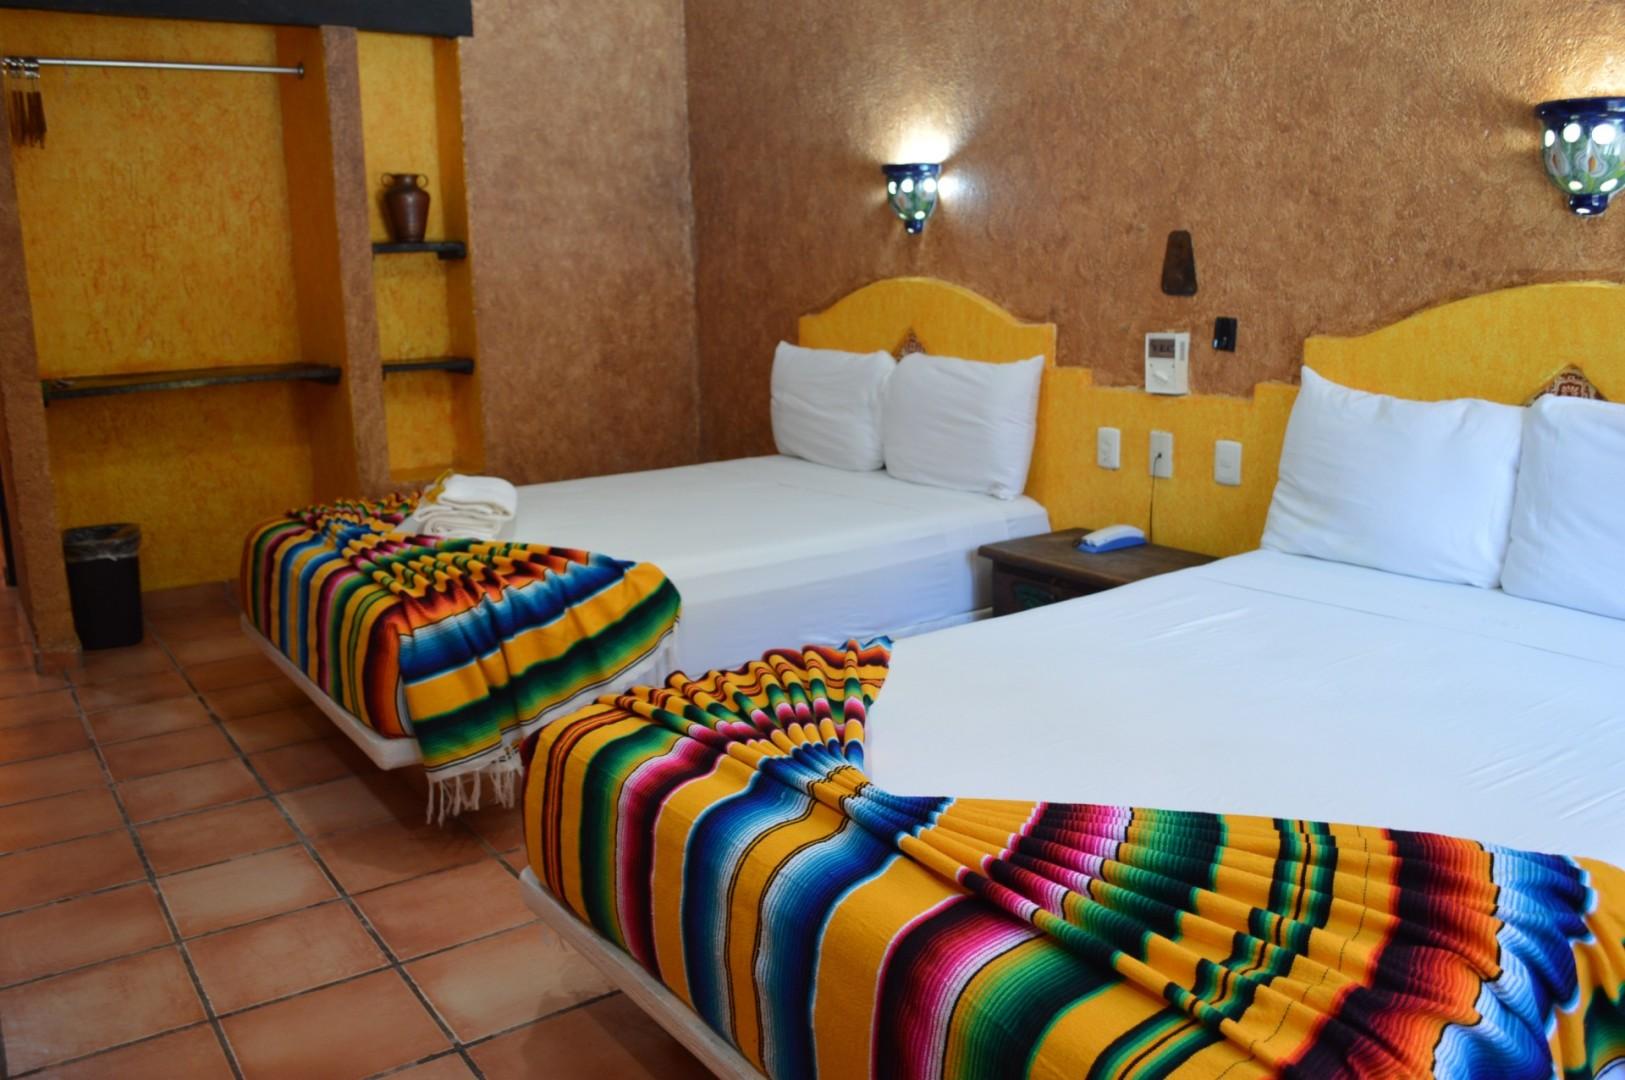 Fotos del hotel hacienda 3 rios 75